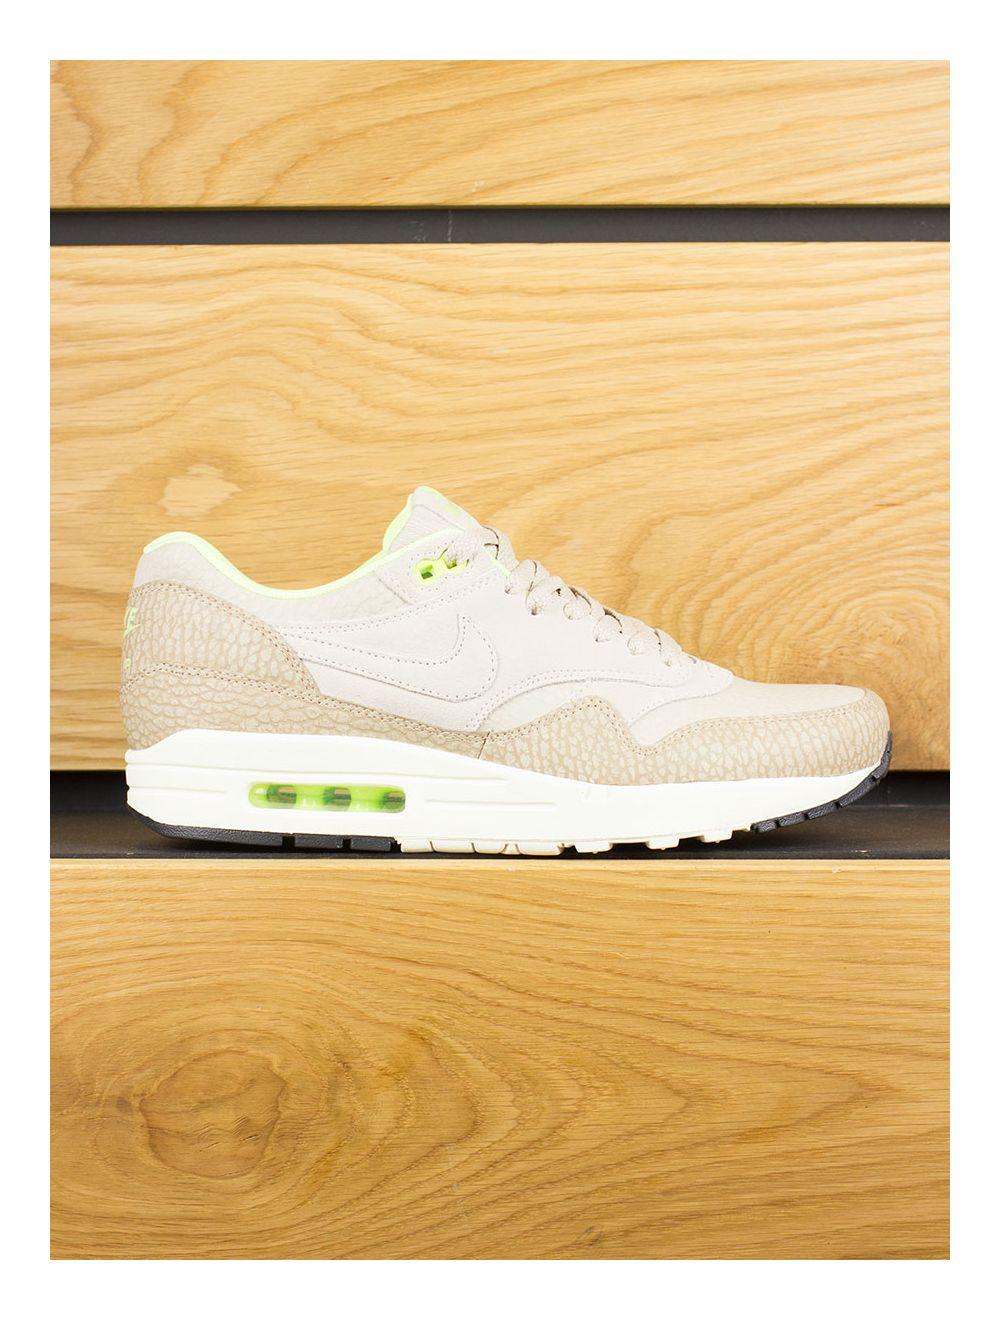 Nike Air Max 1 Premium 'String Desert Camo Ghost Green'